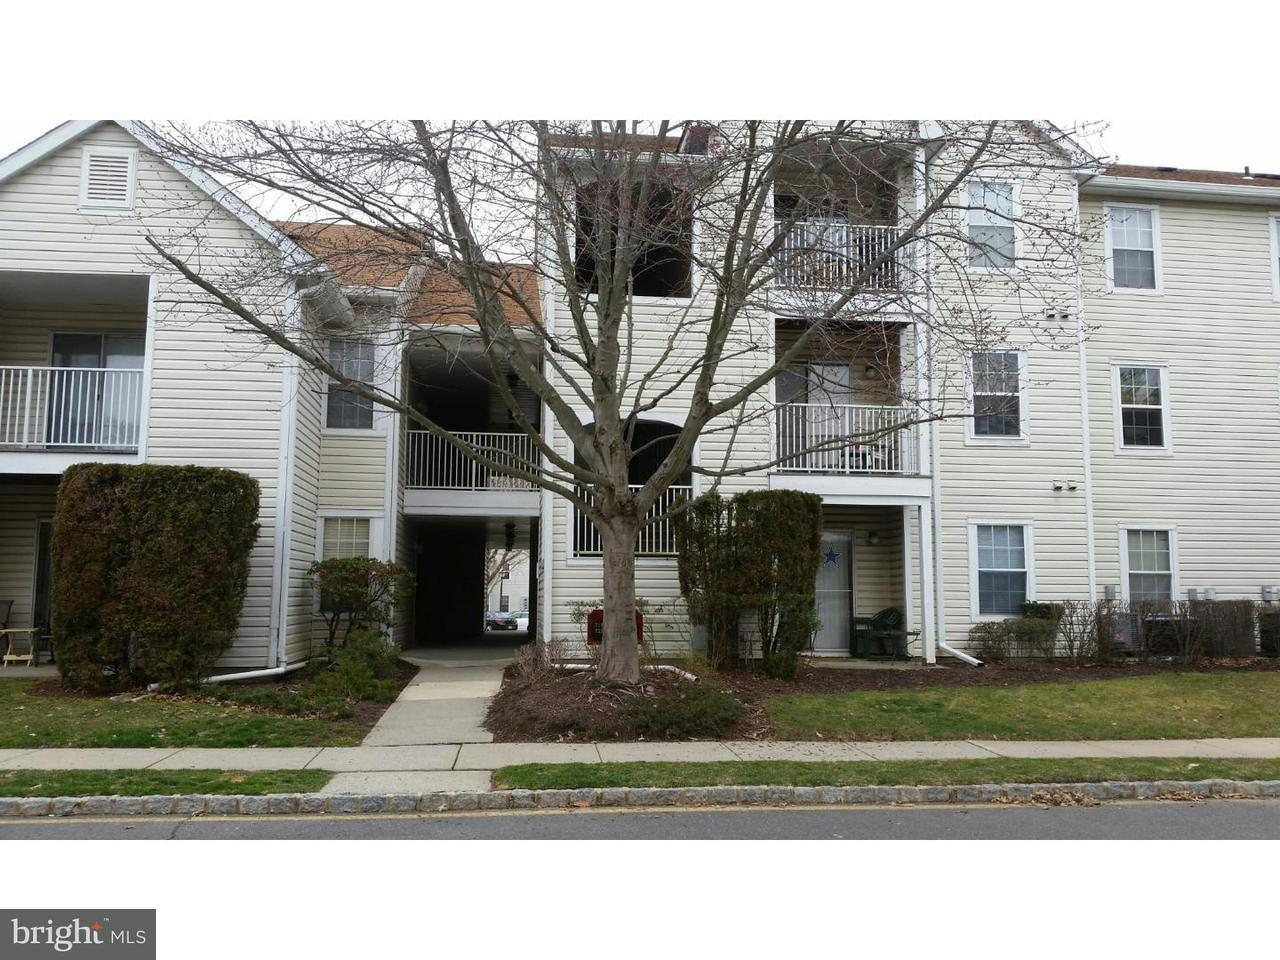 独户住宅 为 出租 在 724 WALDEN Circle 特伦顿, 新泽西州 08691 美国在/周边: Robbinsville Township